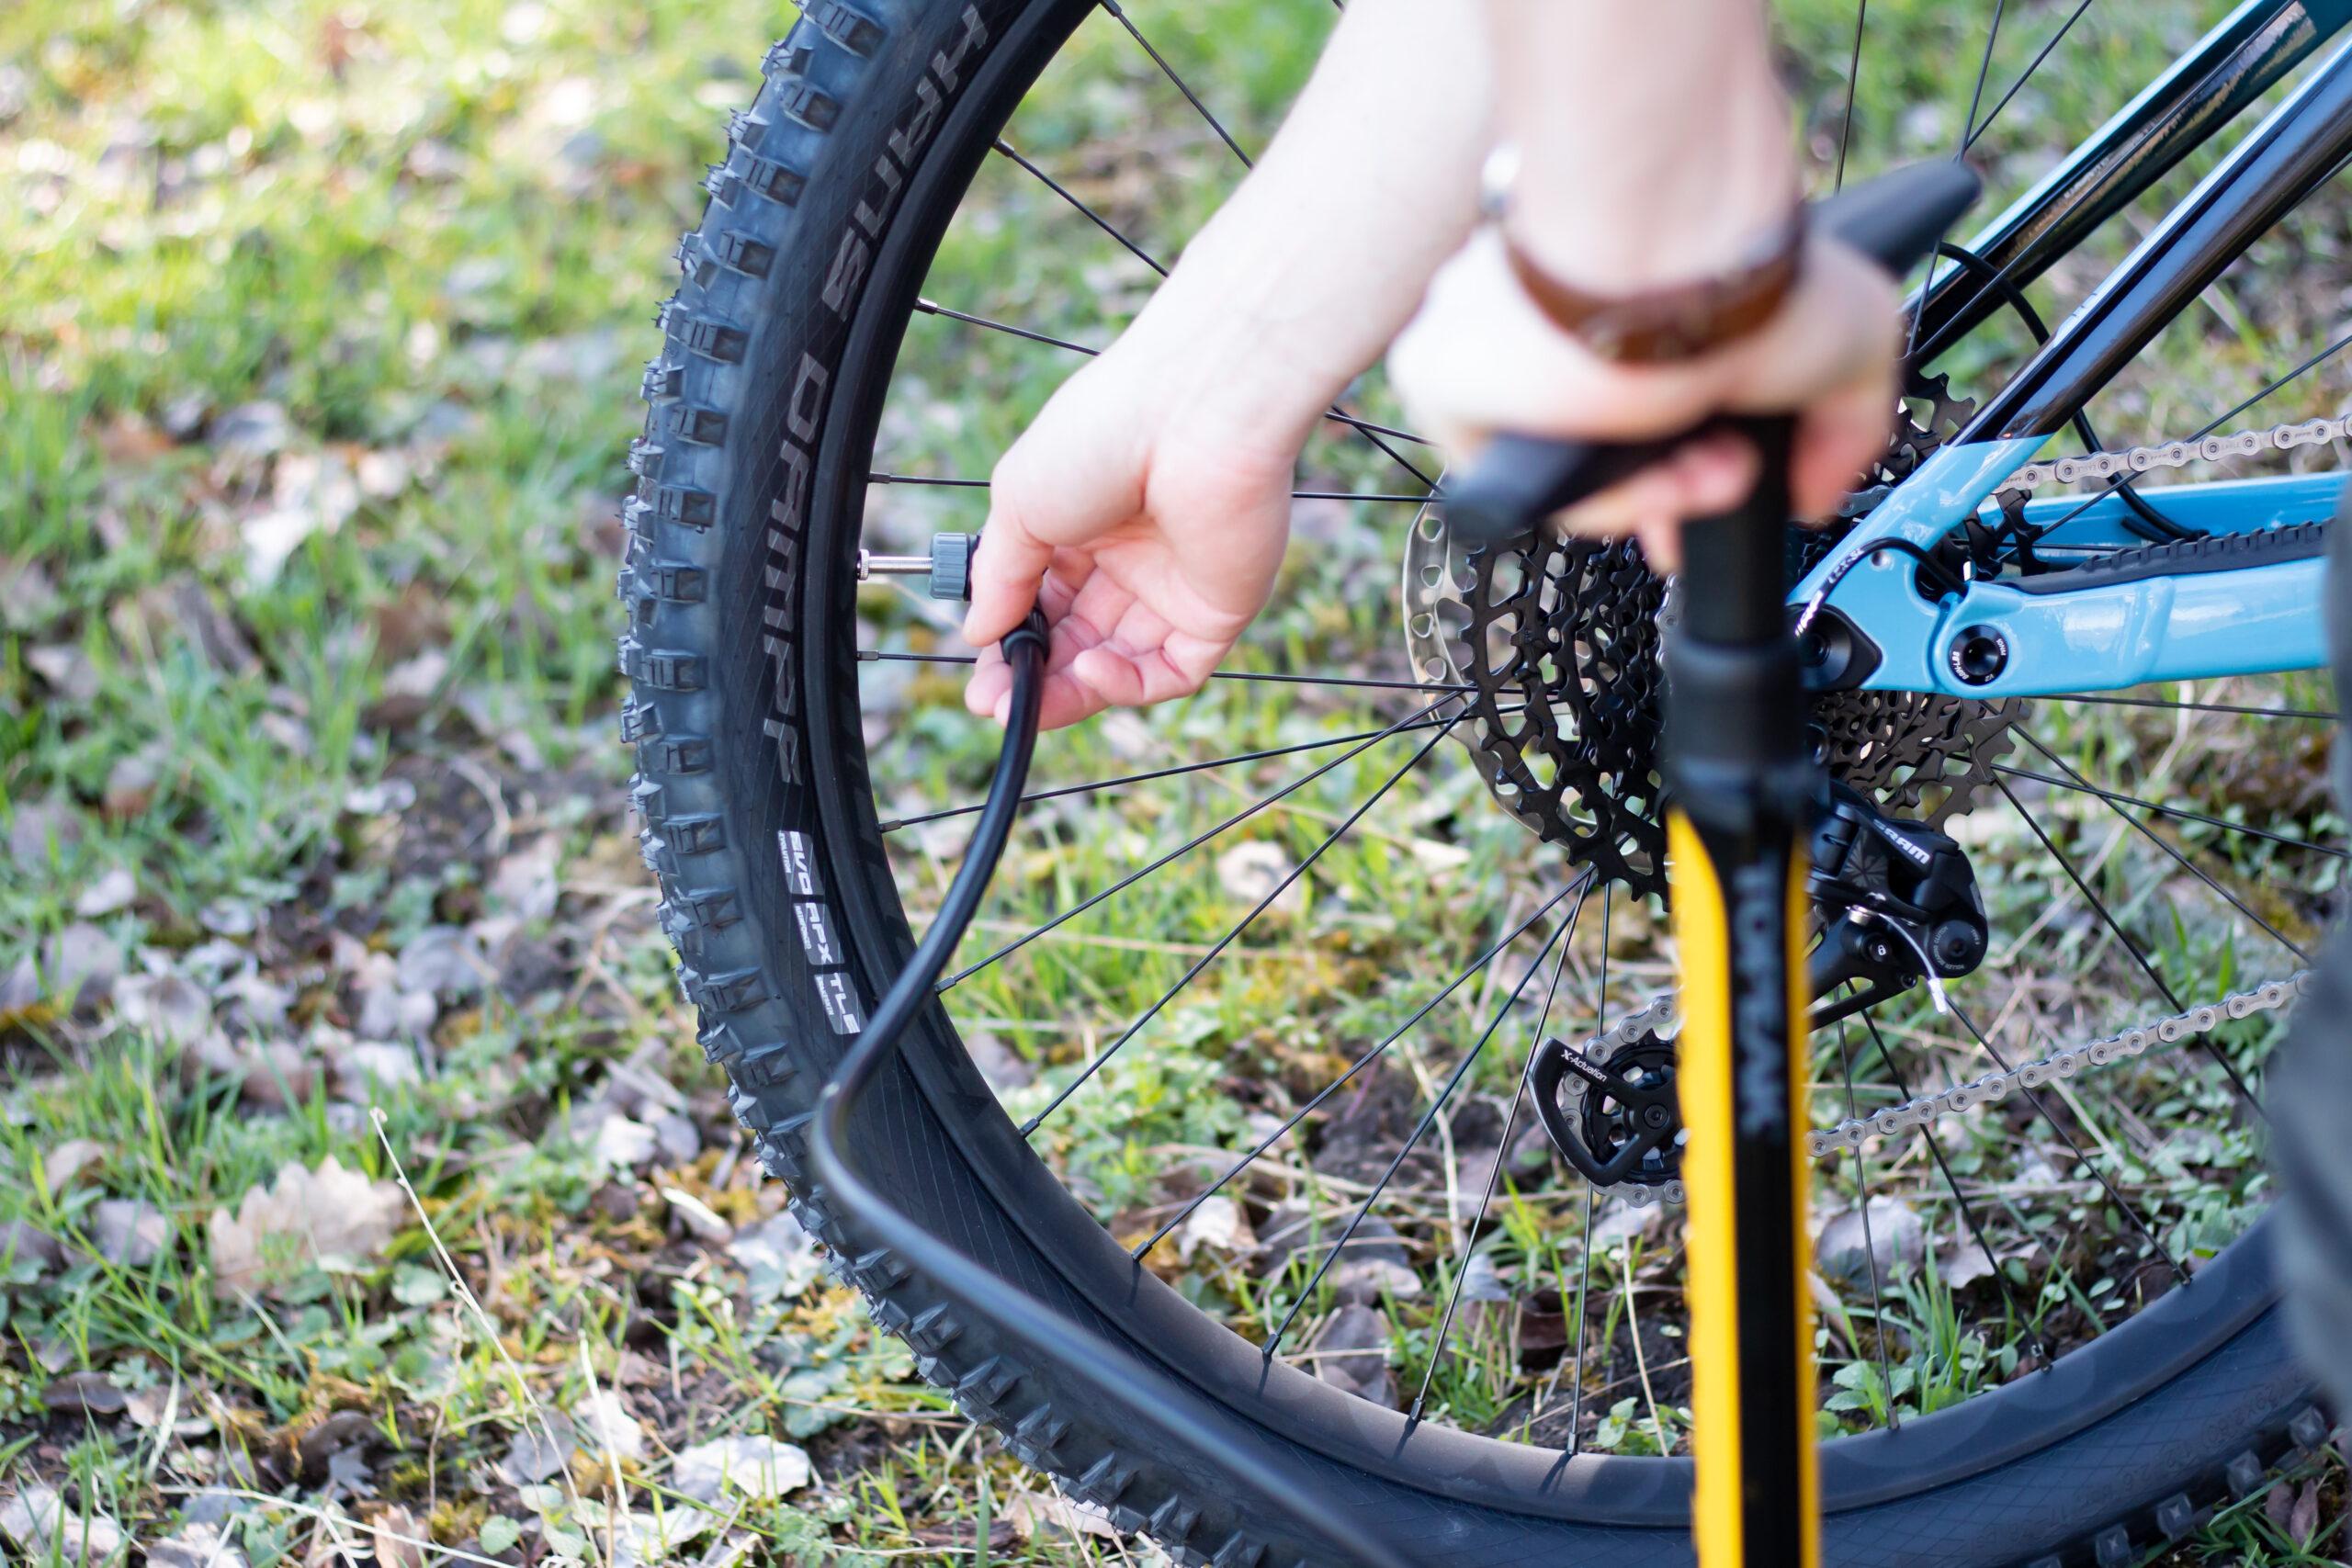 20210330 112116 00080 1 scaled - Wie pumpe ich meinen Fahrradreifen optimal auf?